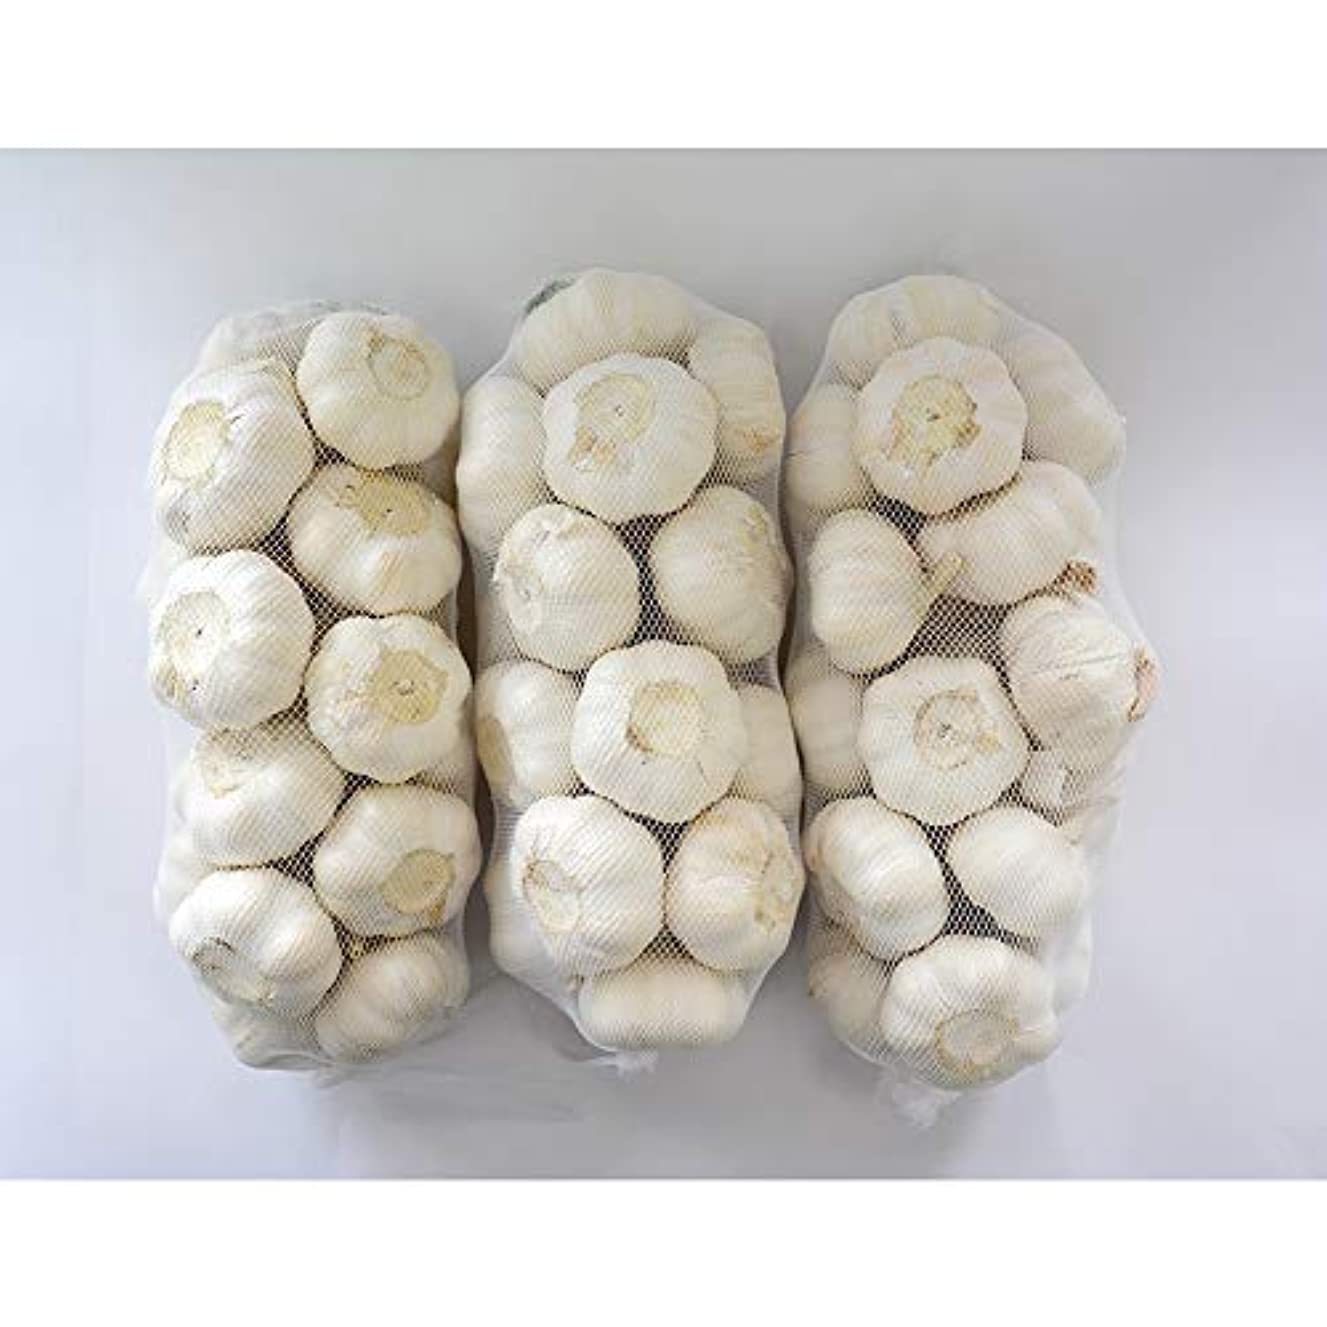 電信予感限られたにんにく種球 1kg×3ネット 中国産 上海嘉定種(ホワイト)